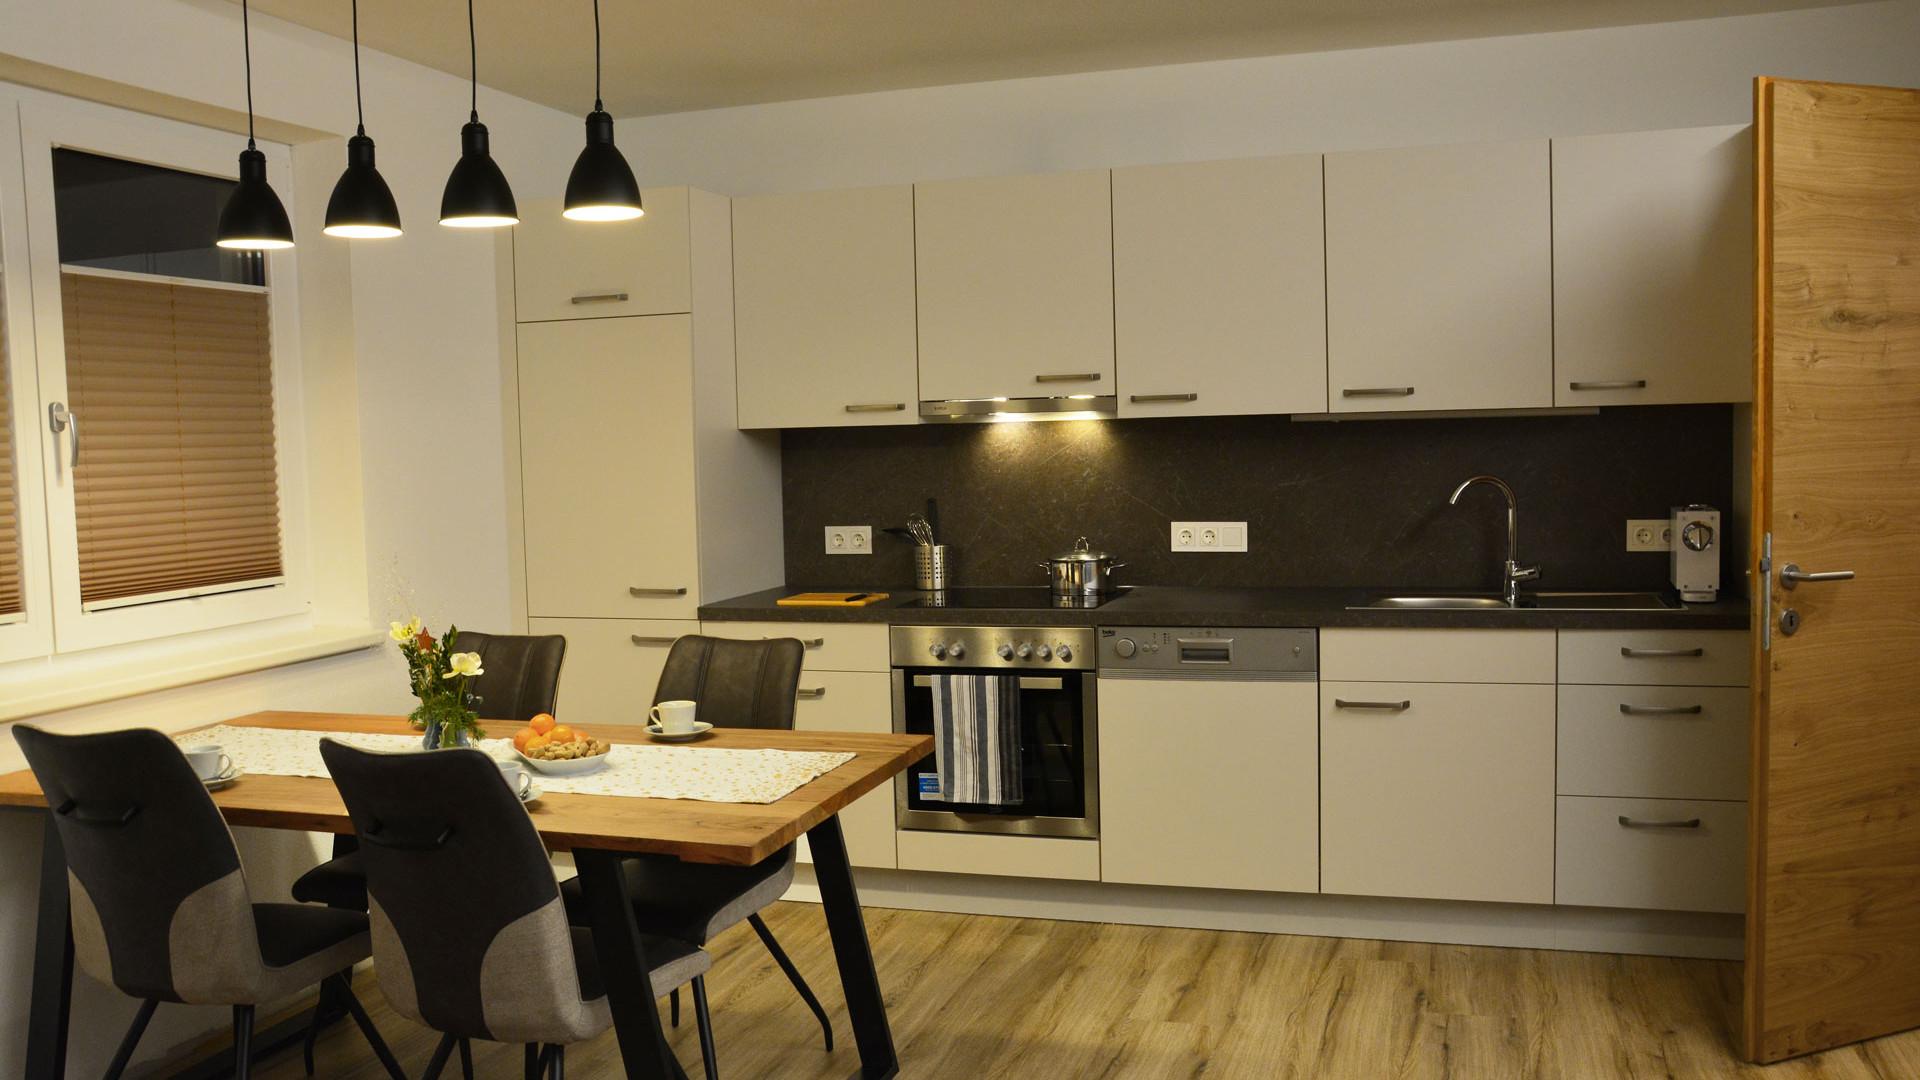 BLUAMEN: Küchenzeile mit Esstisch